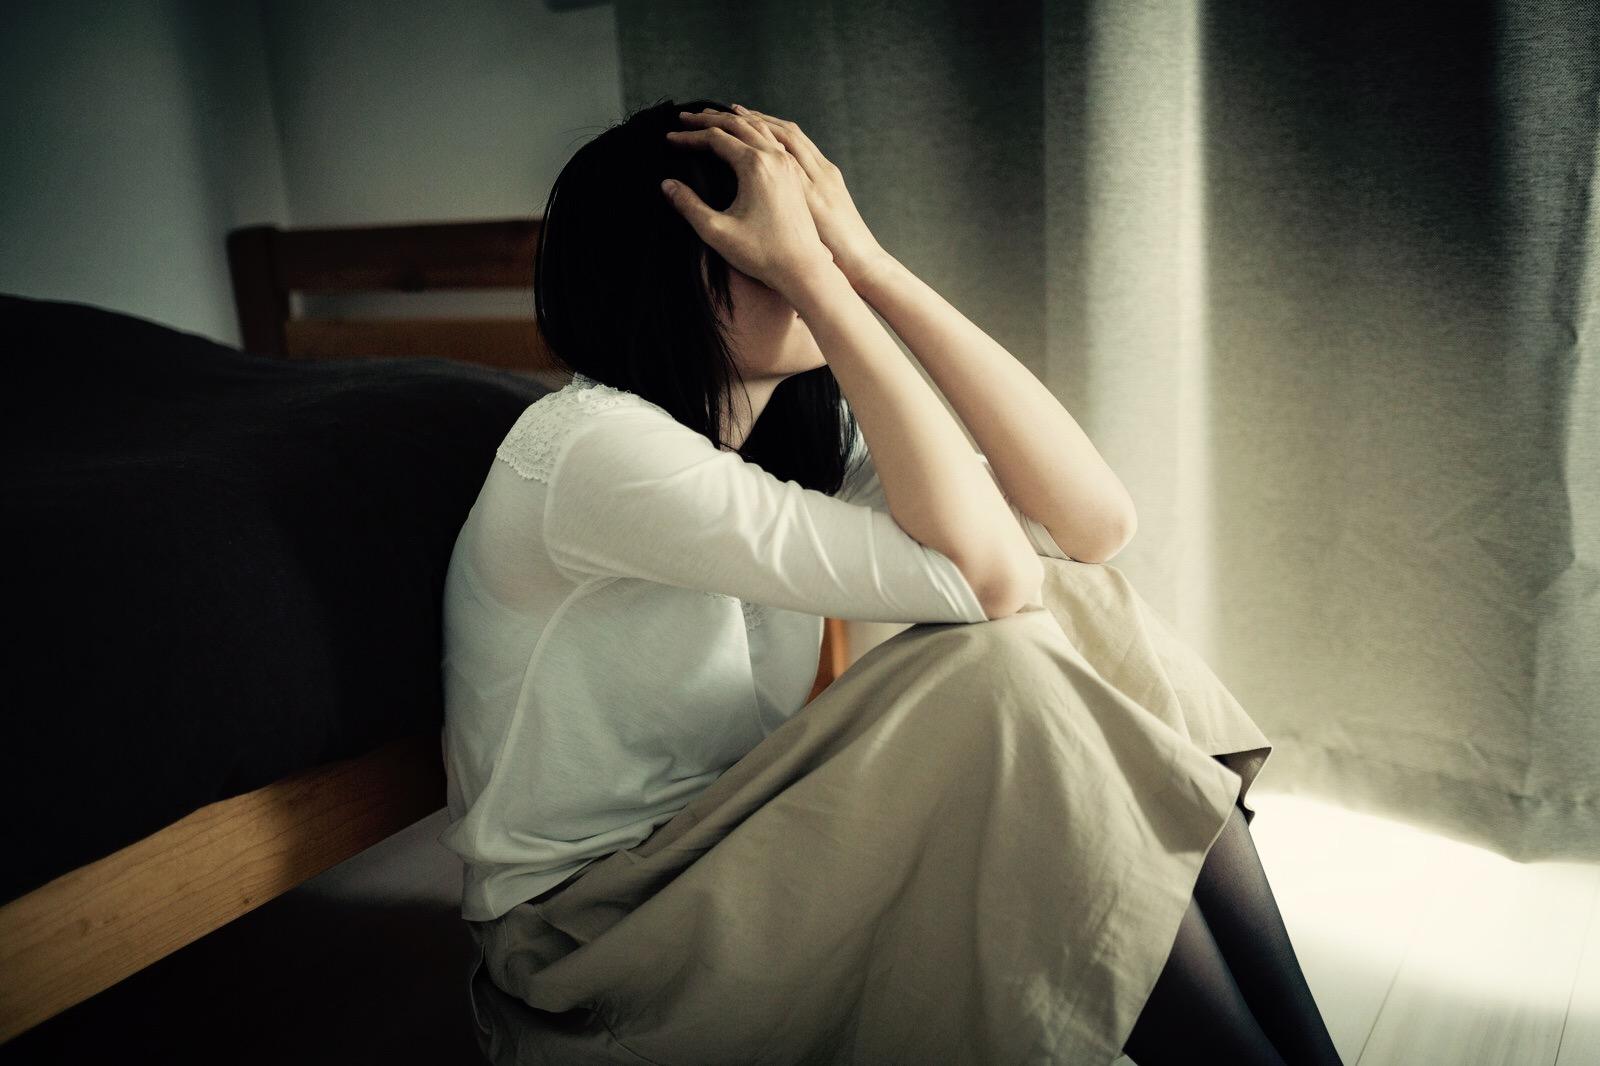 【つわり入院ブログ①】つわりで入院する基準とは?重症妊娠悪阻って?